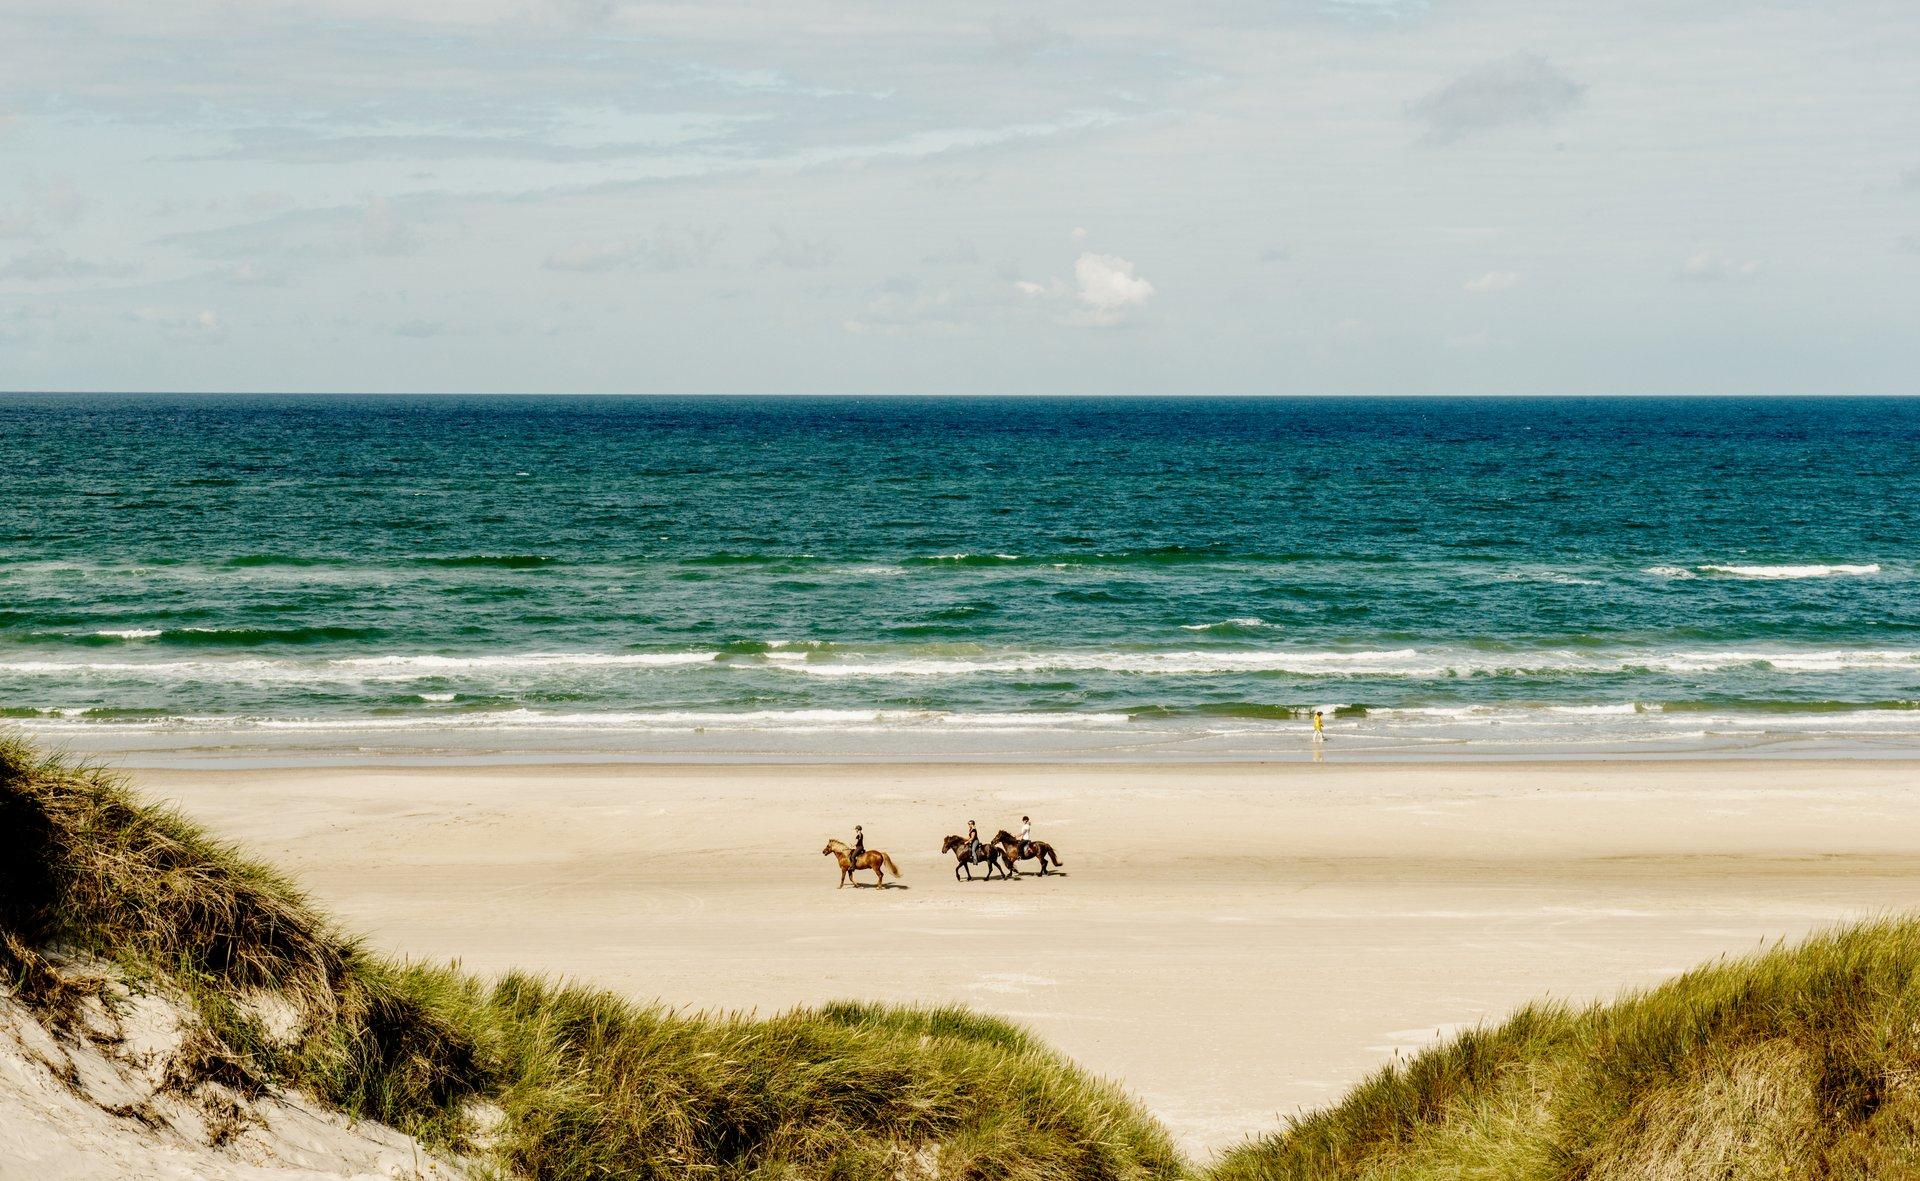 I Hune, der ligger nogle få kilometer inde i landet, tæt på Blokhus, er der planer om et nyt hotel. Pressefoto fra stranden i Blokhus: Mette Johnsen for VisitDenmark.